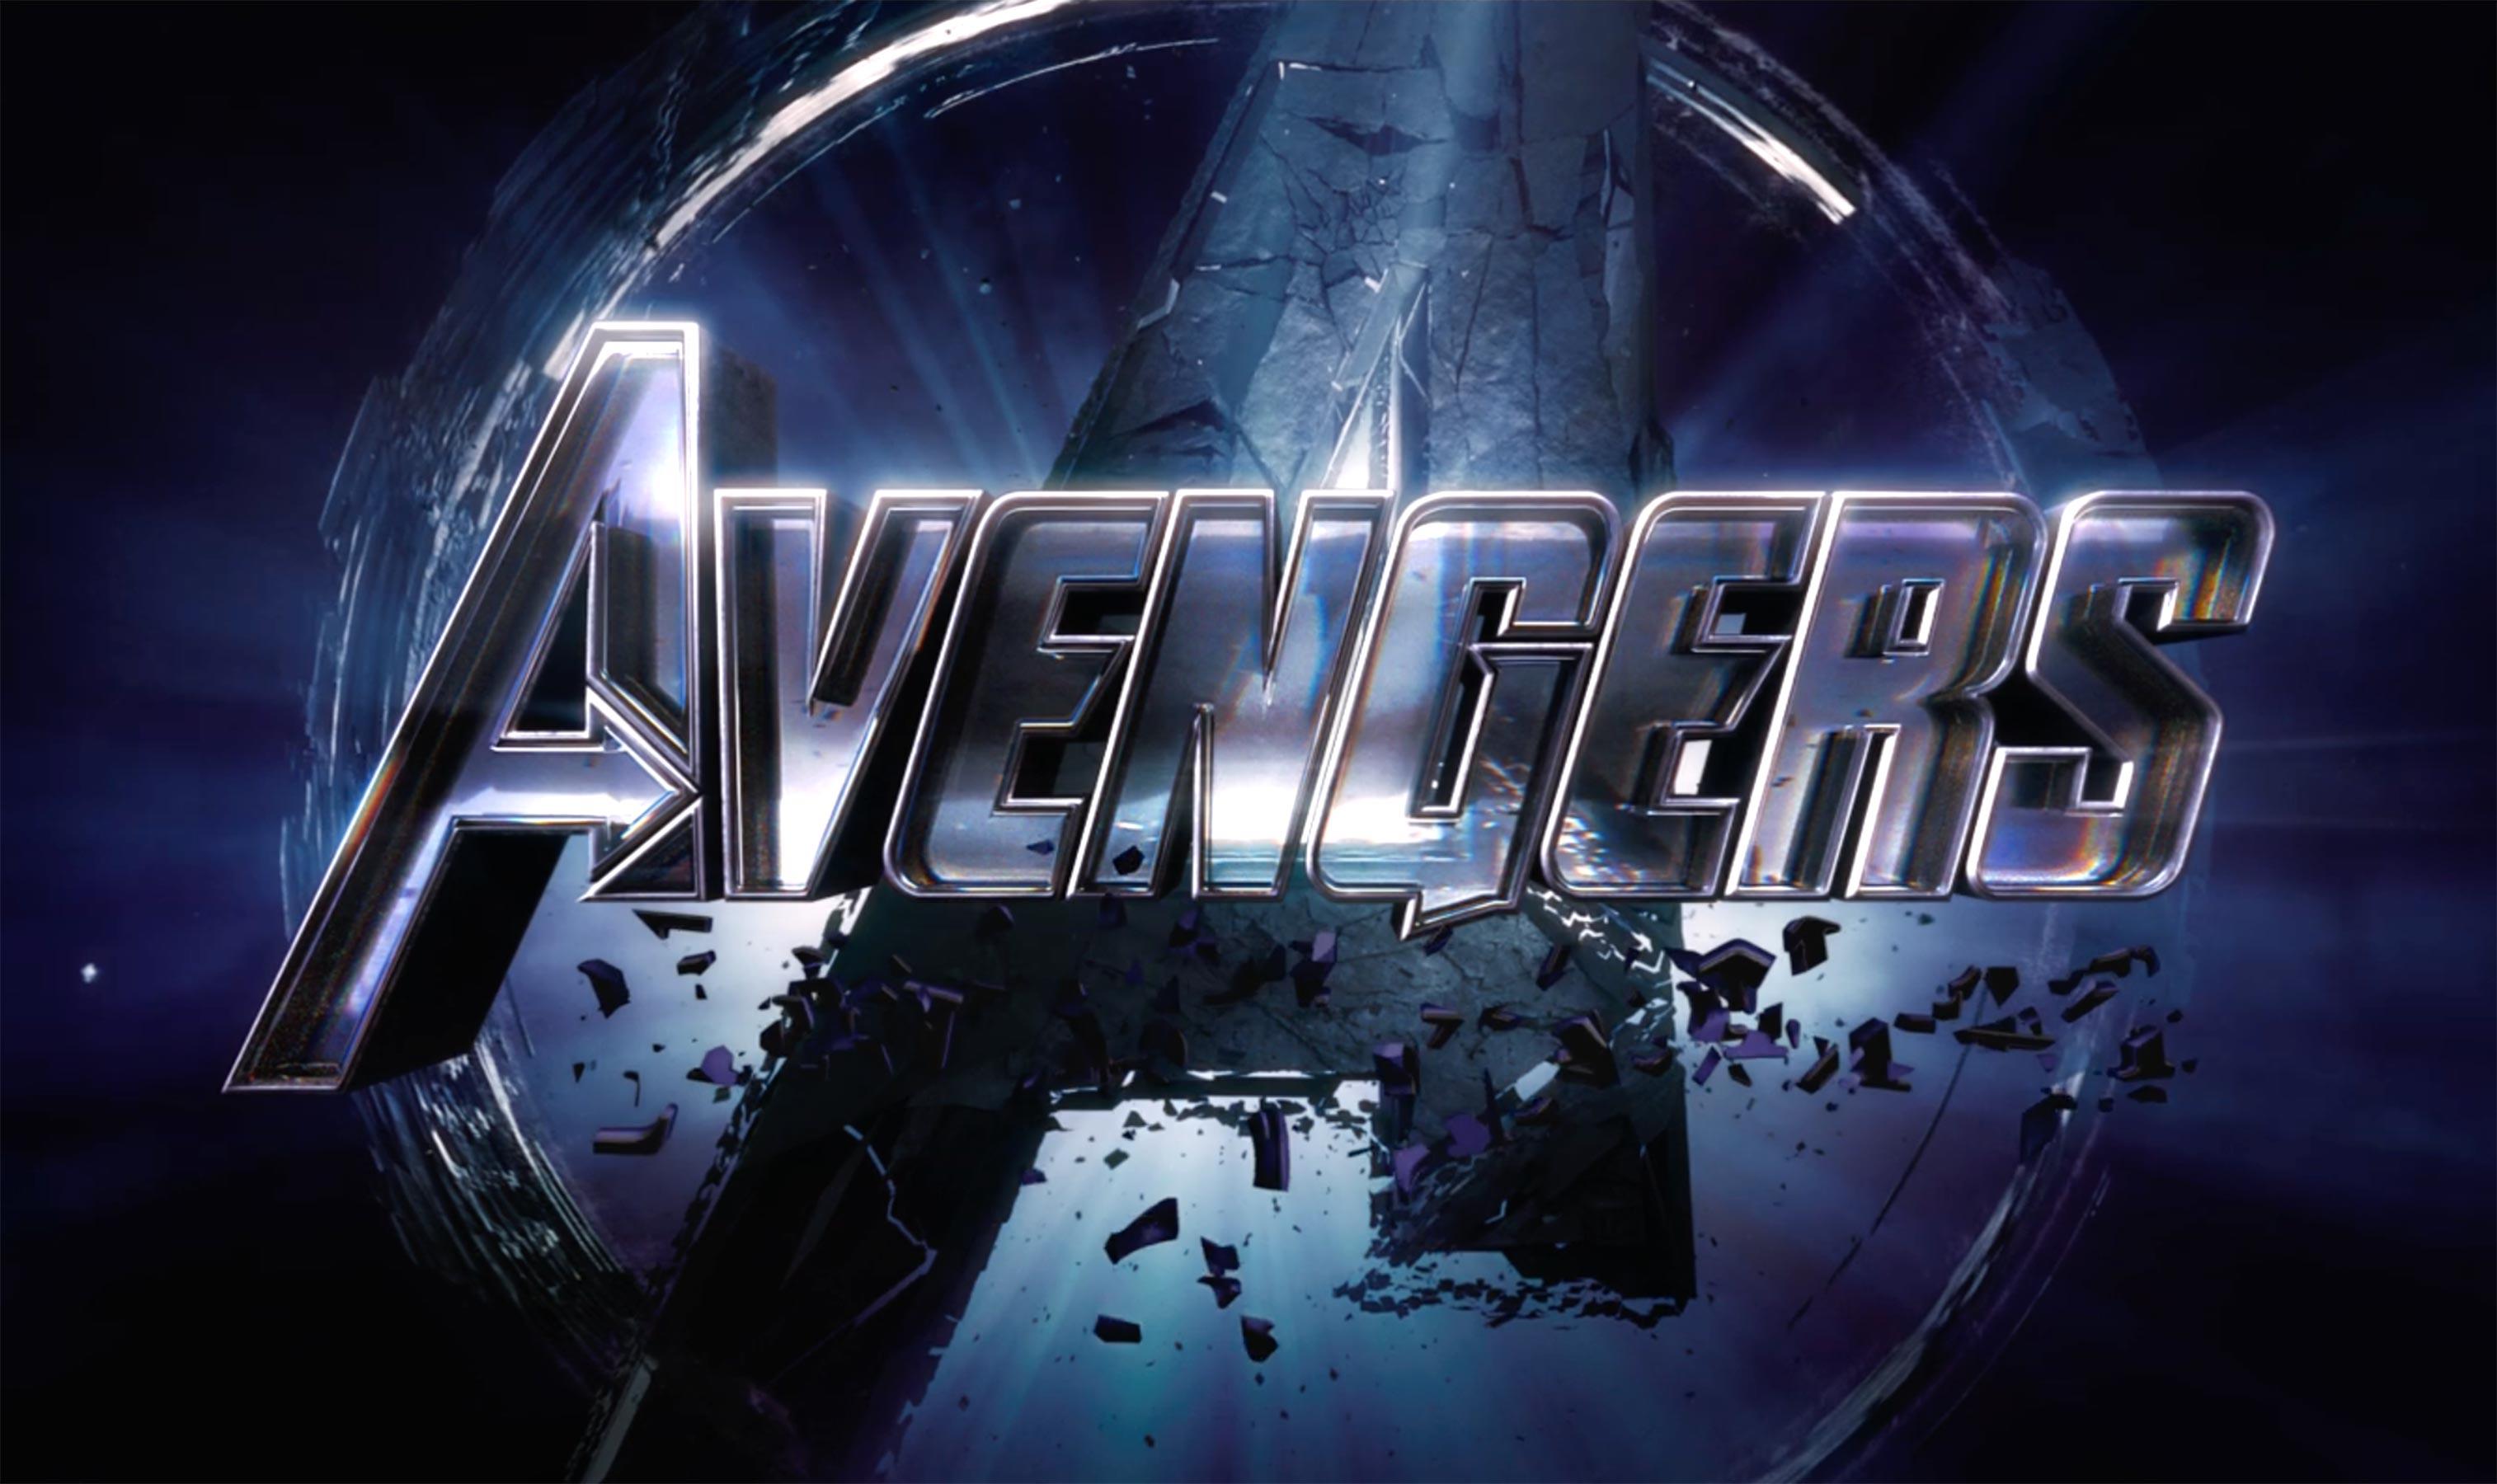 Il cast di Avengers promuove maglie per beneficenza thumbnail